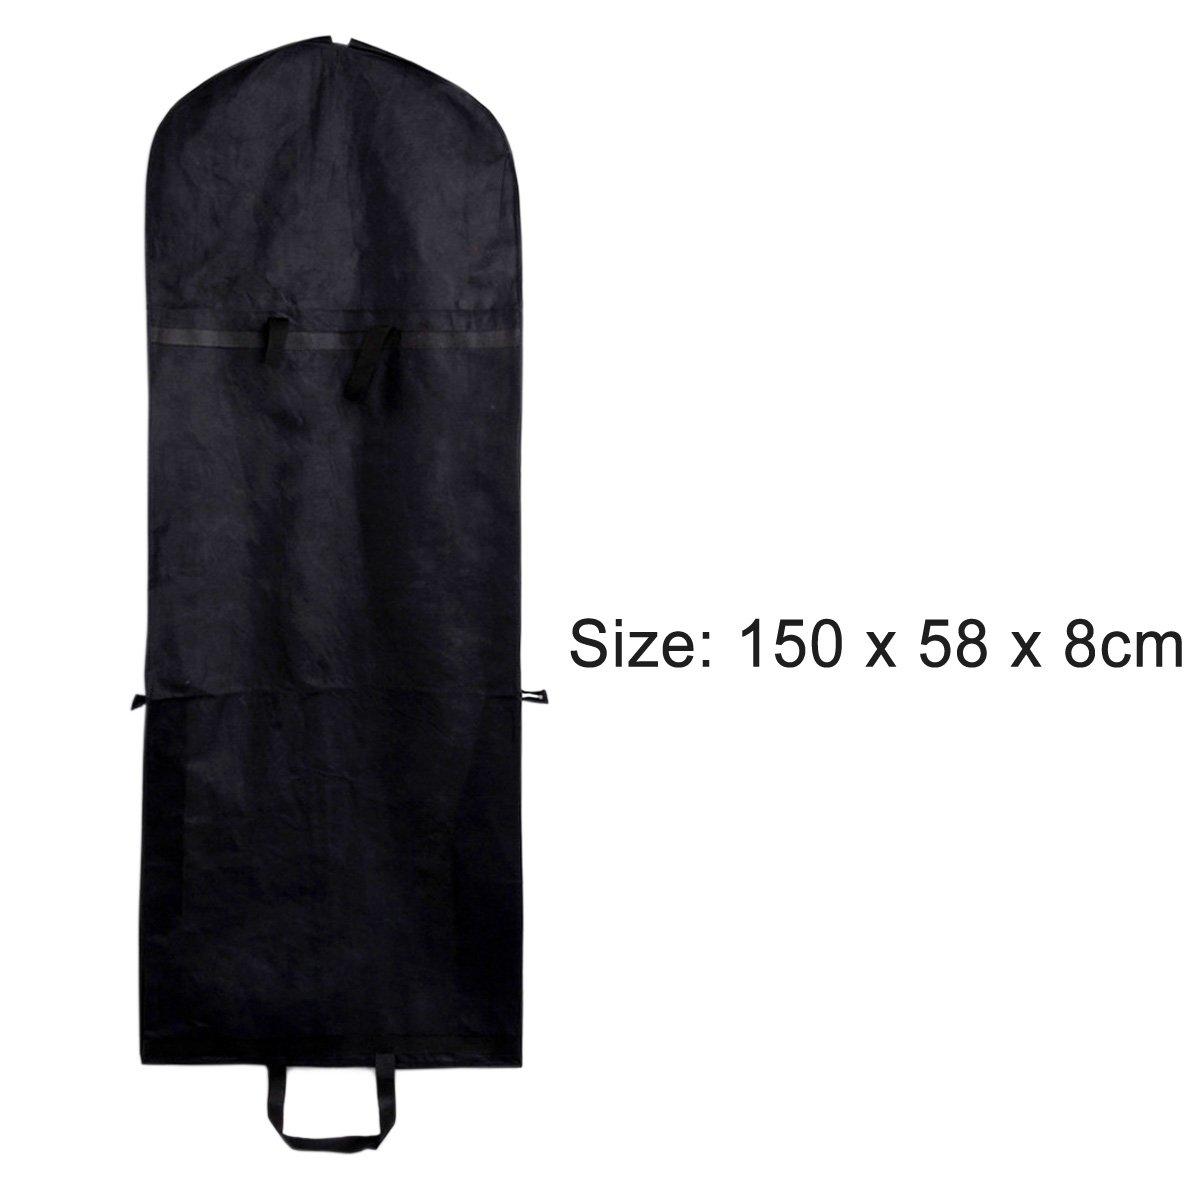 Gosear Port/átiles Plegables Bolsa de Protecci/ón Cubierta a Prueba de Polvo de Tela No Tejida para Vestido Traje Capa Ropa,Negro